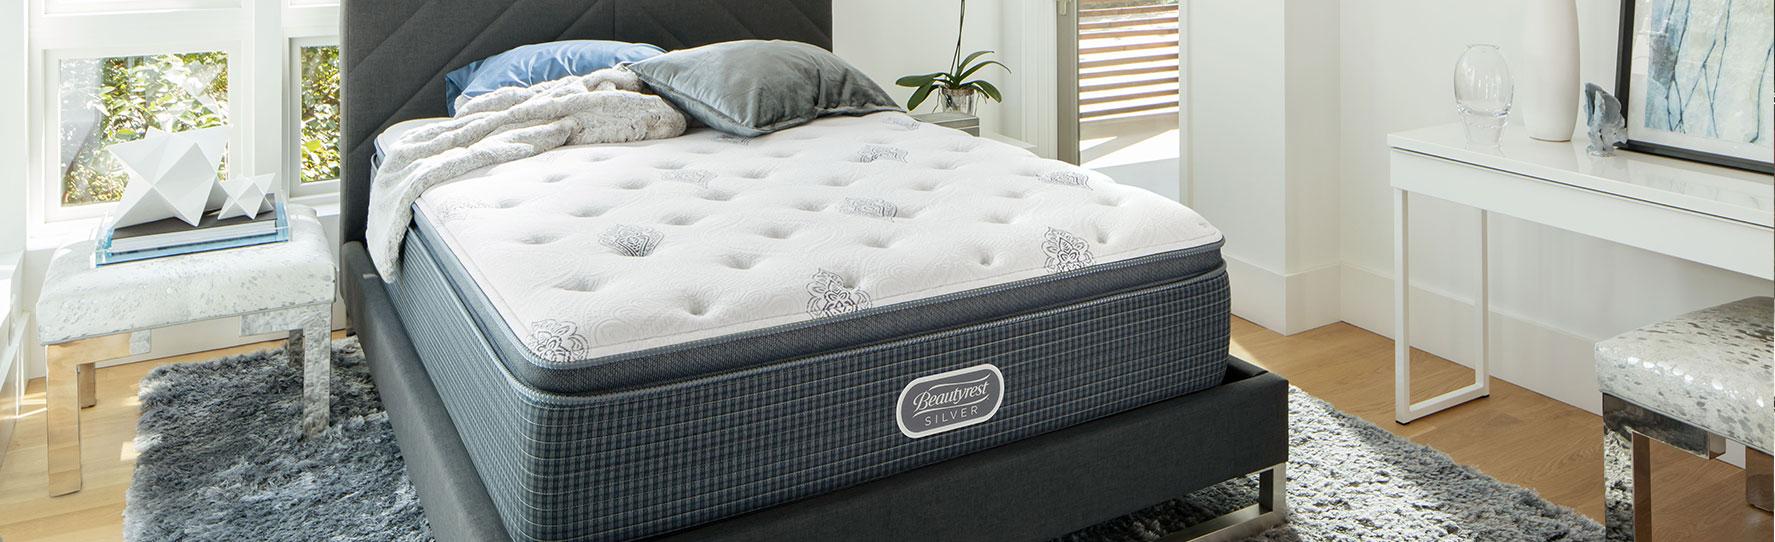 beautyrest silver mattress